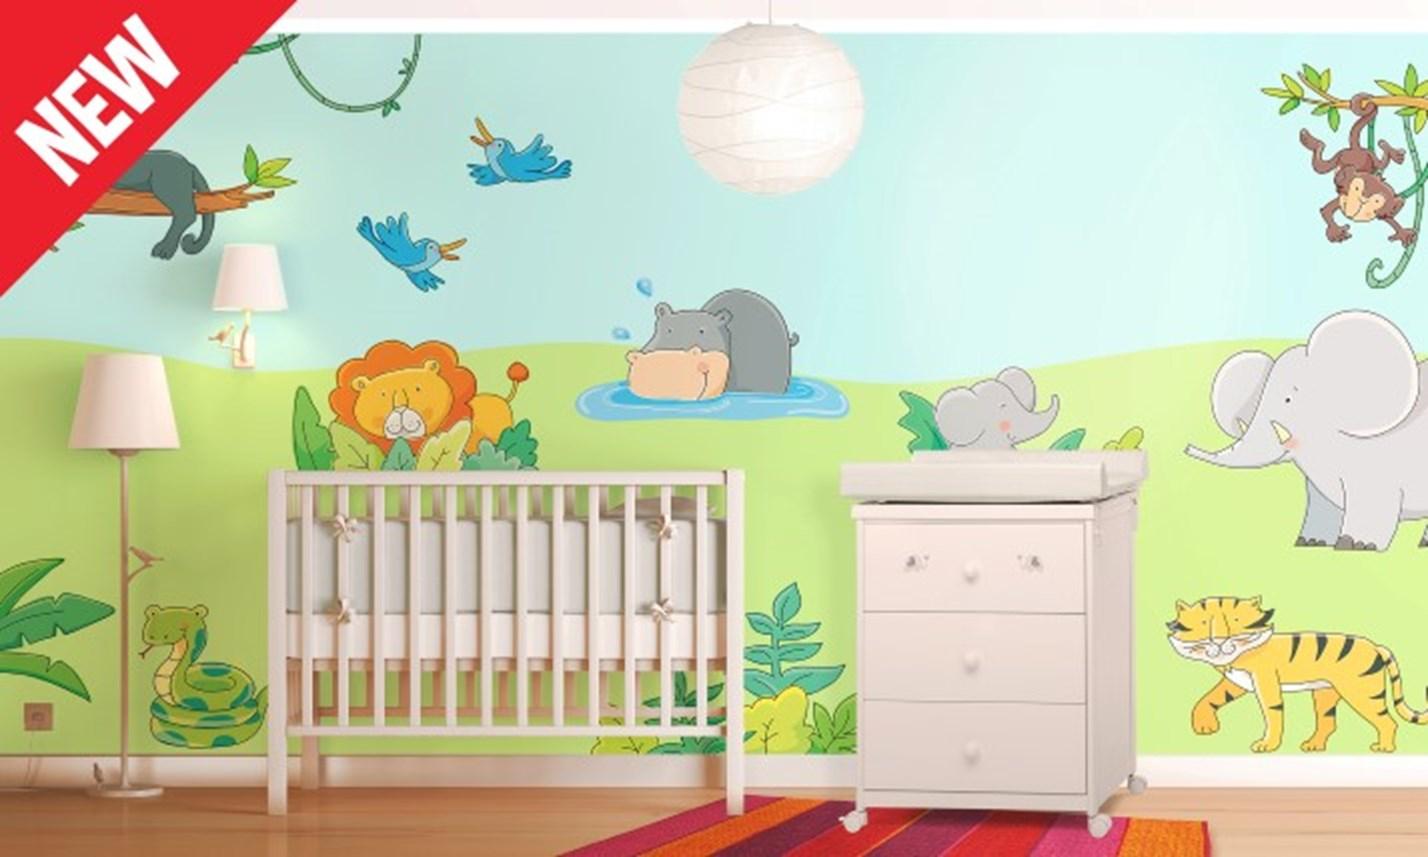 Stickers murali bambini cameretta il libro della giungla leostickers - Adesivi per mobili bambini ...